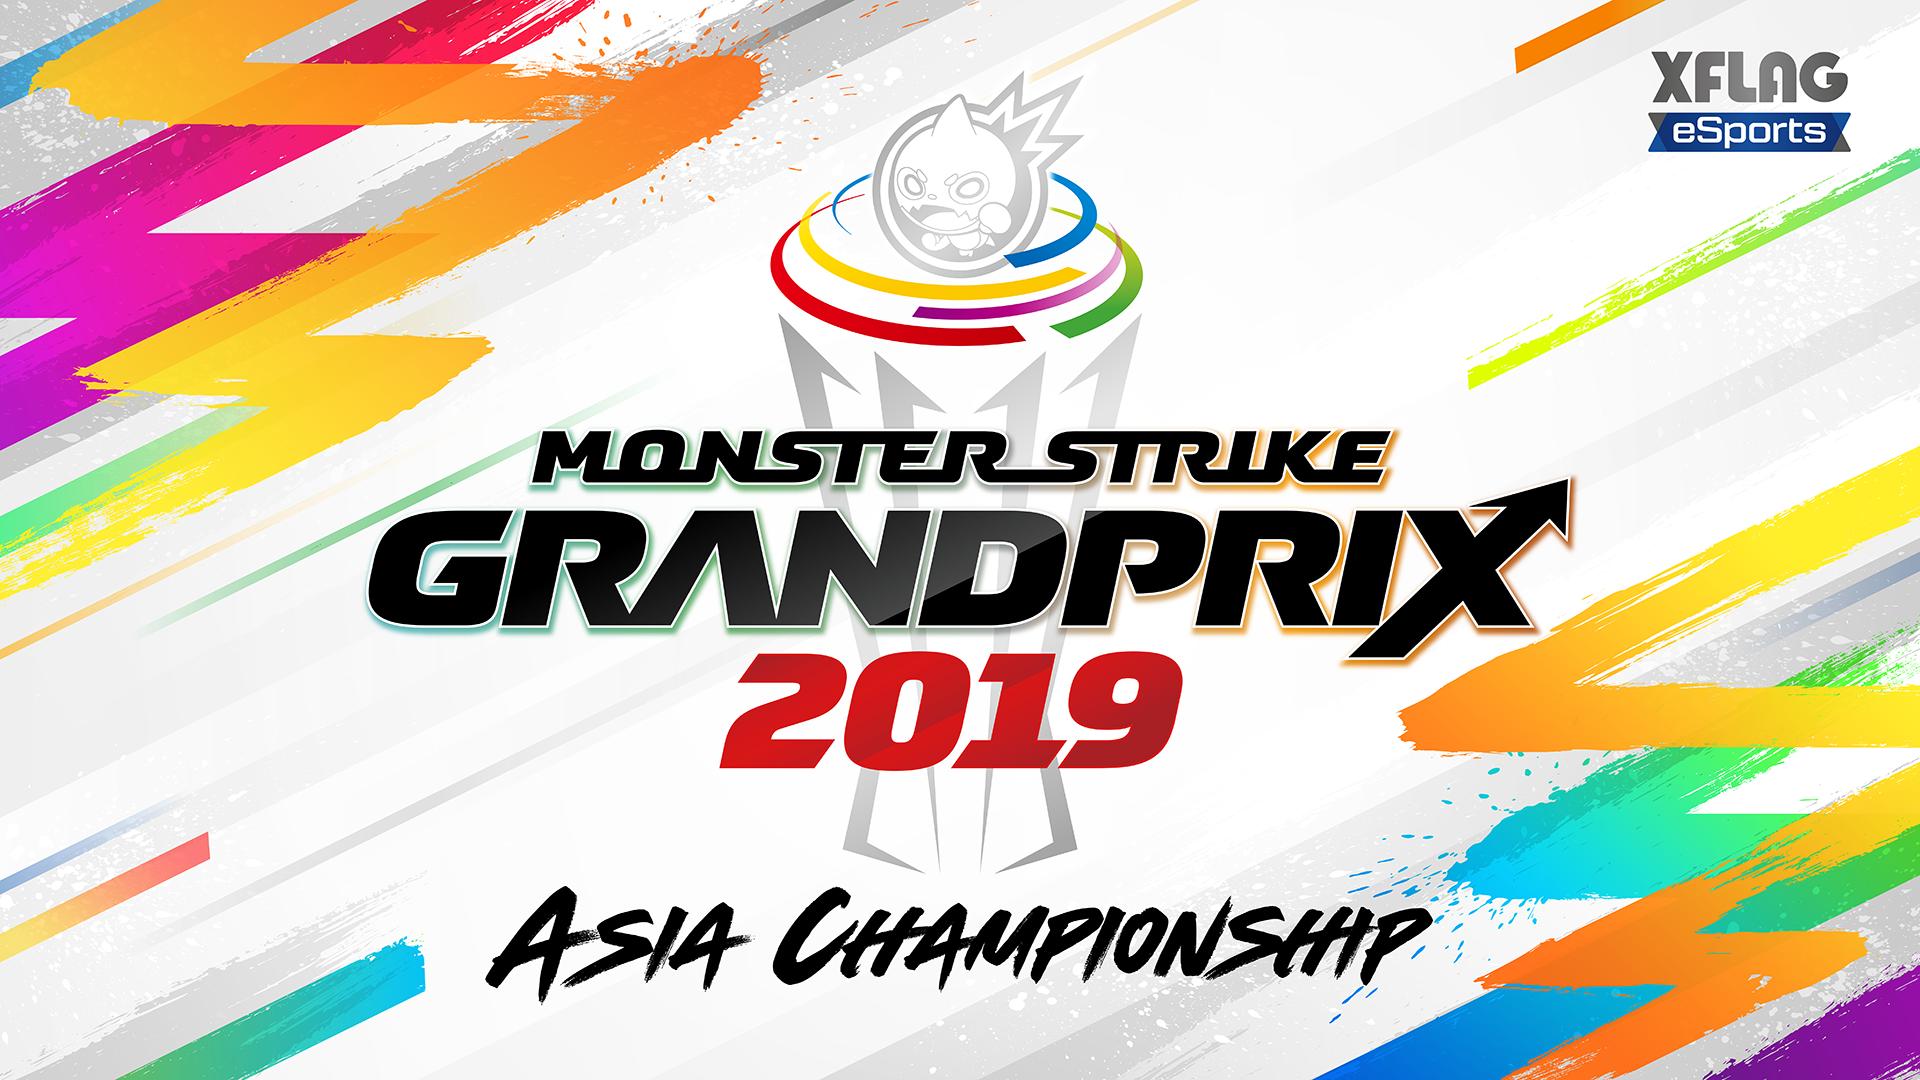 確認用:モンストグランプリ2019 アジアチャンピオンシップ 決勝大会